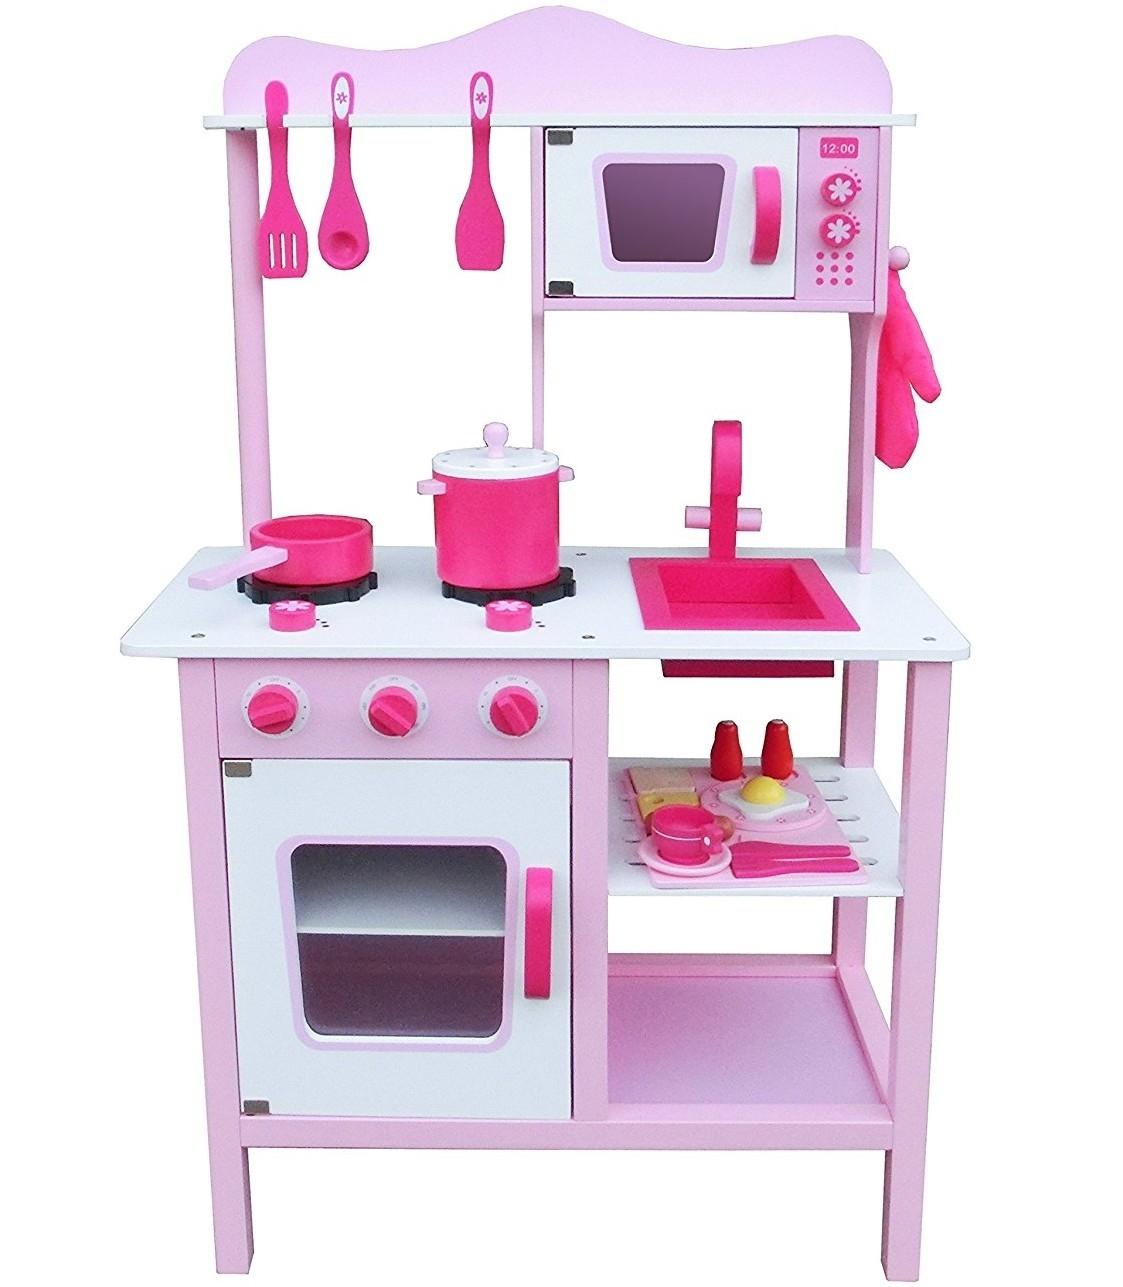 Купить Кухня деревянная - Фьюжн, розовый, с аксессуарами, Lanaland